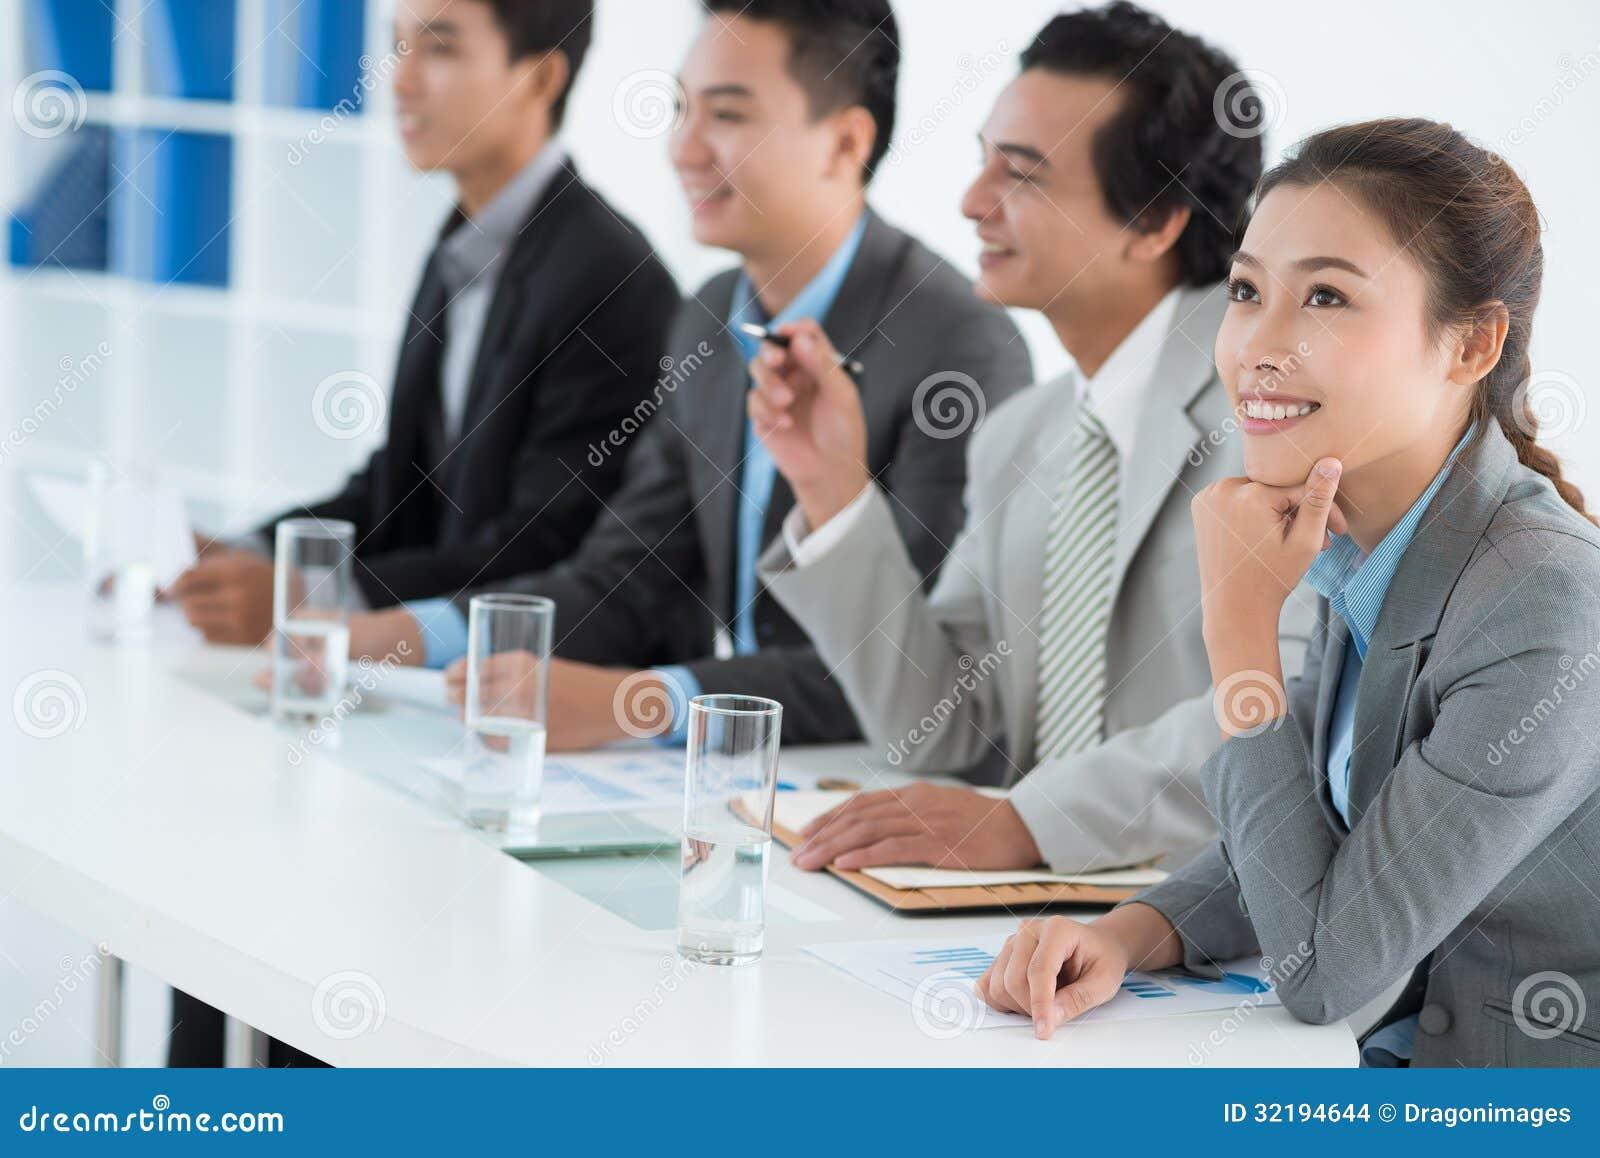 Bedrijfsdame bij de presentatie